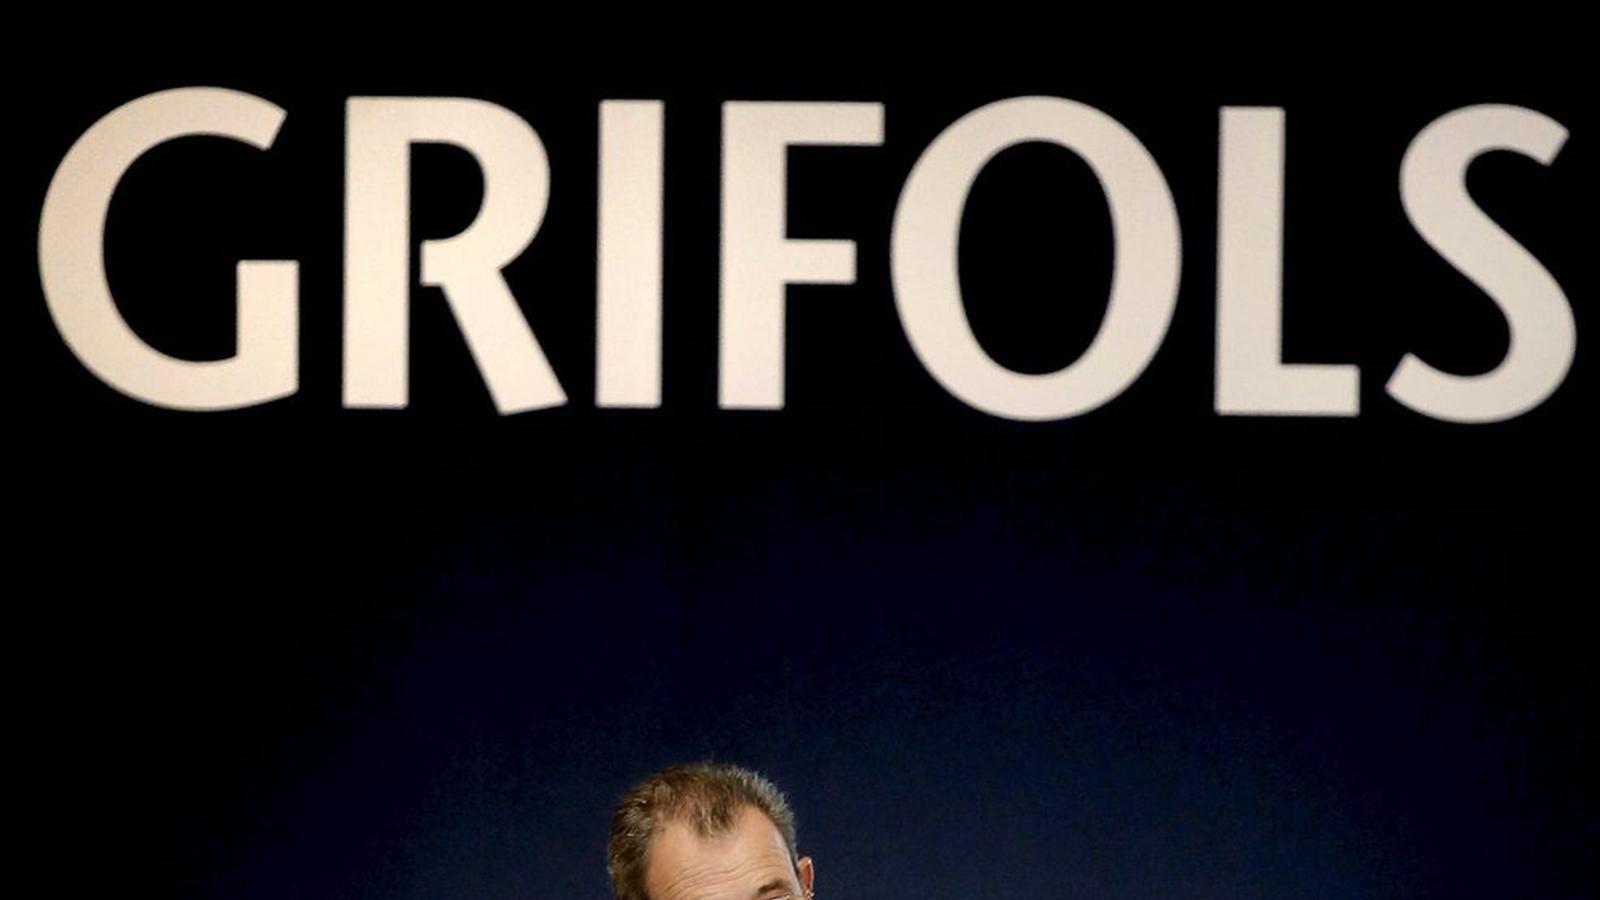 Grifols es dispara a borsa després d'anunciar un nou tractament contra l'Alzheimer